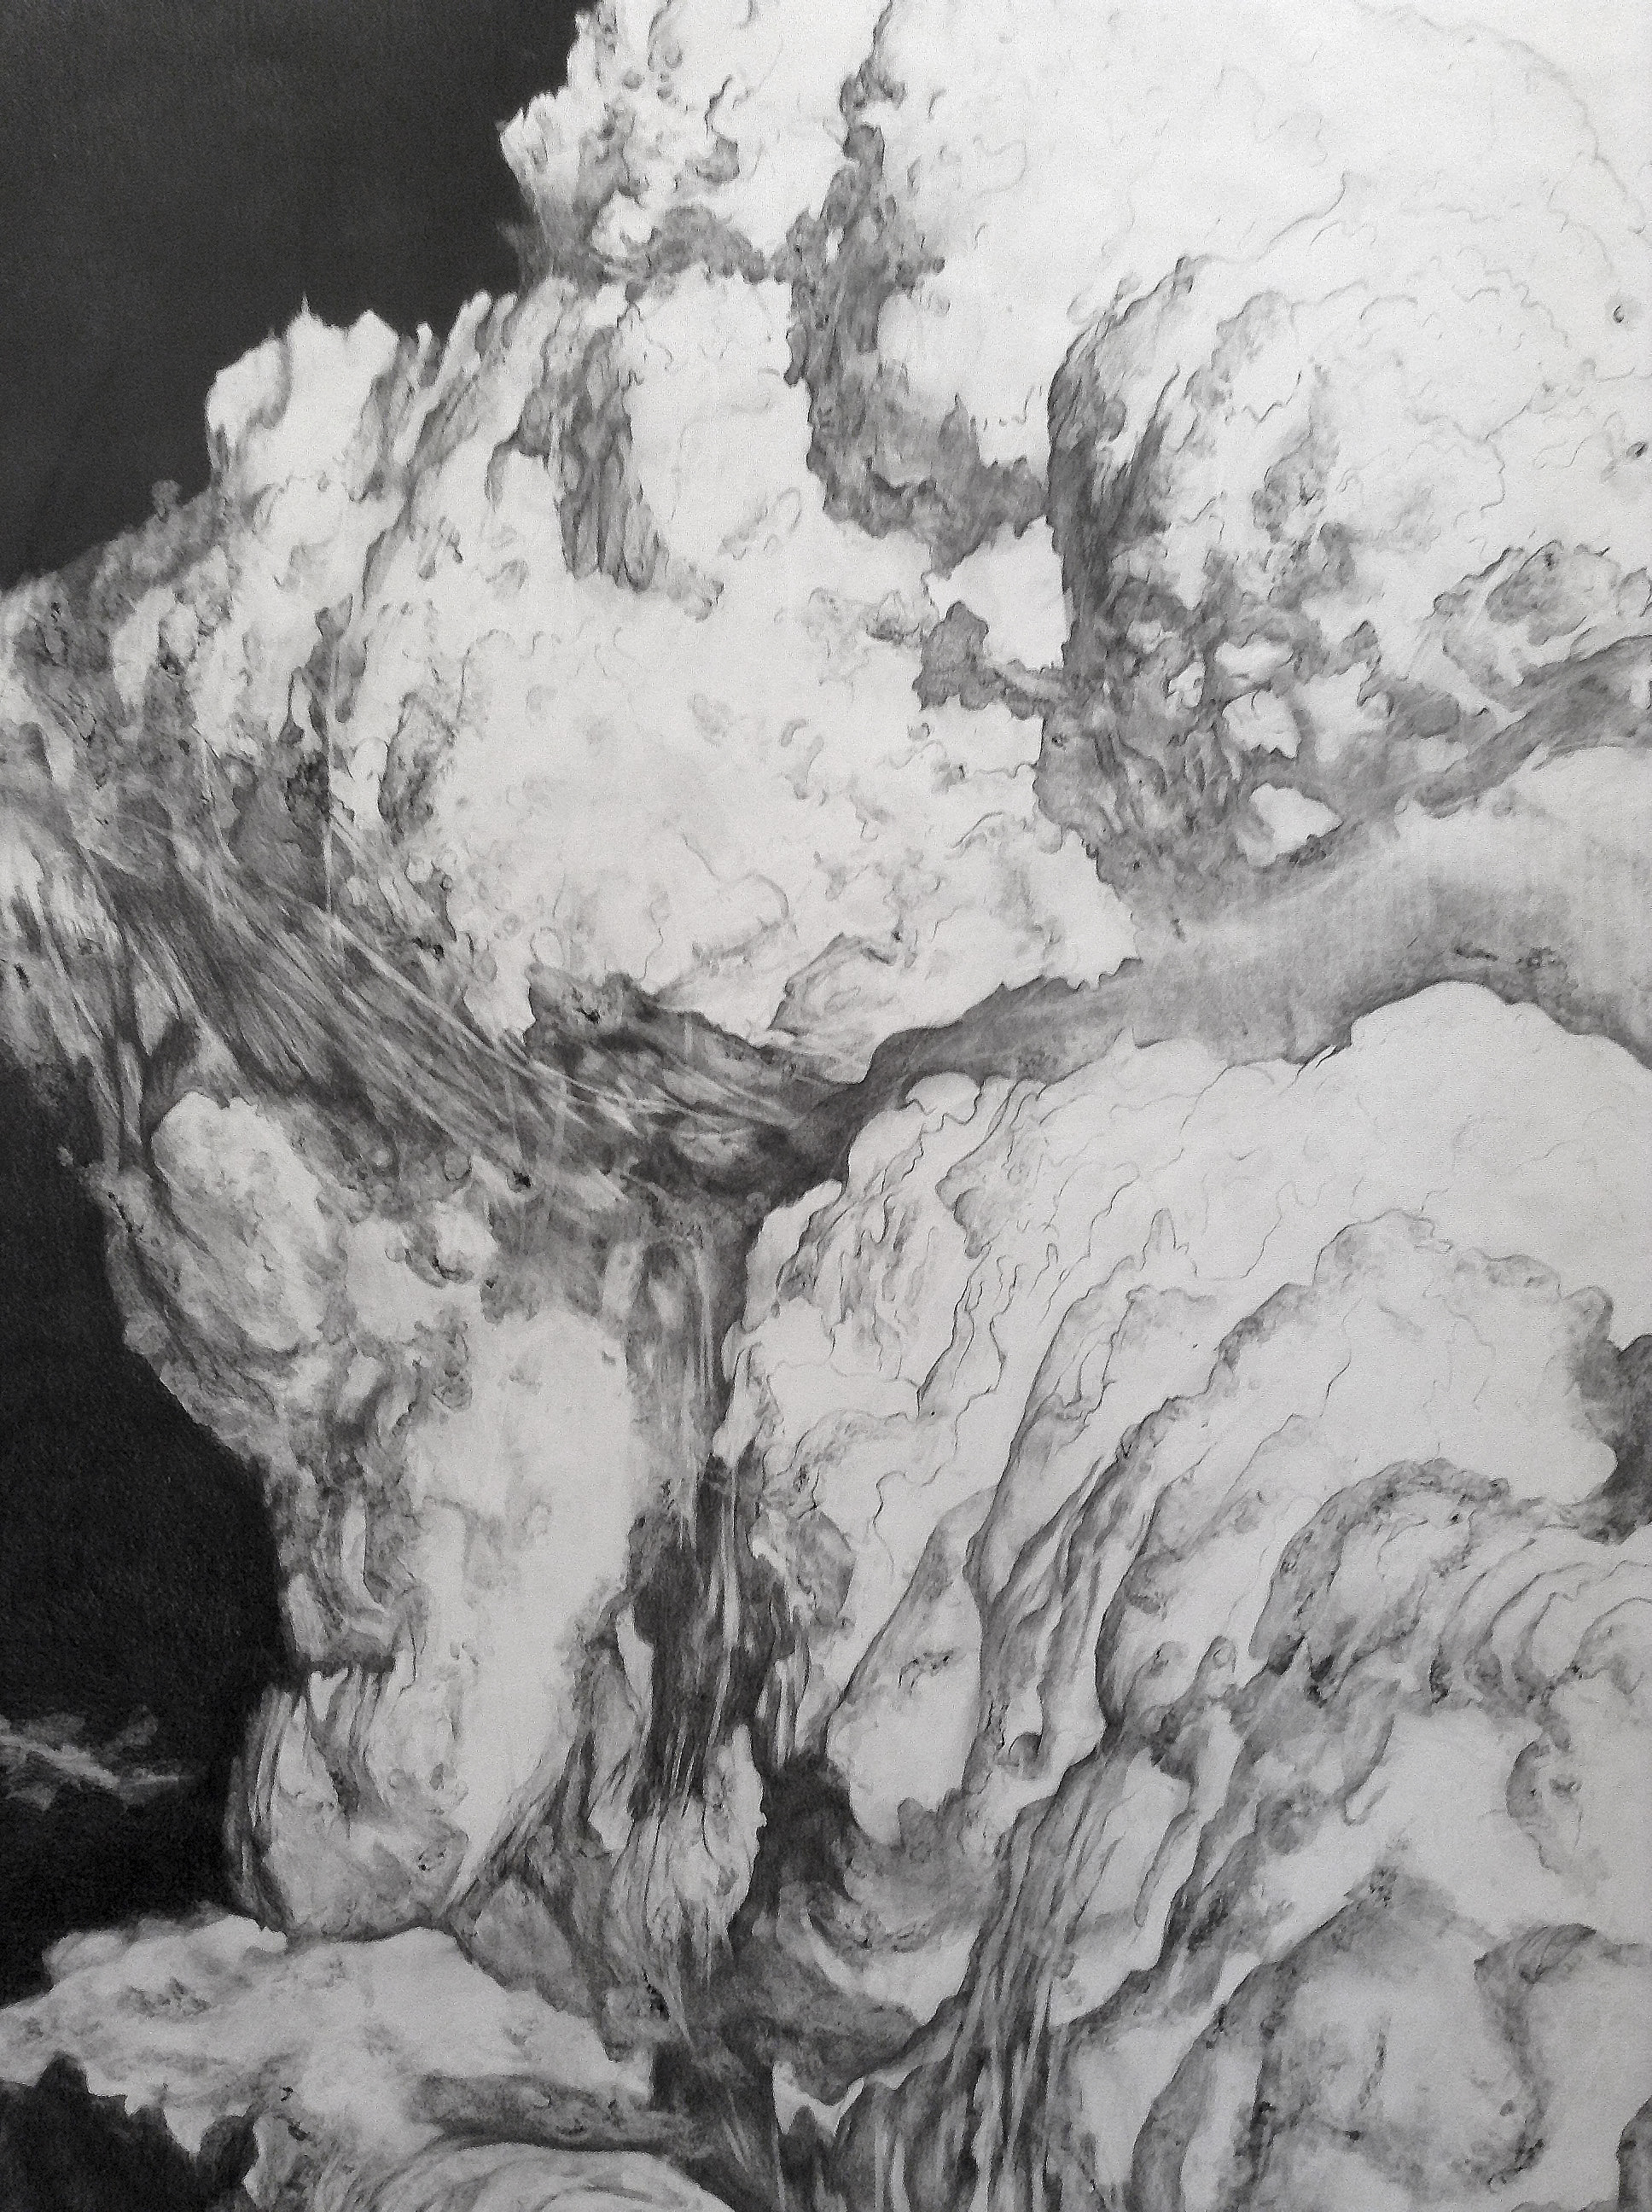 François Réau, 2016 - Mine de plomb, graphite et incisions sur papier. 280 x 365 cm Fil à plomb, dimensions variables Vues d'exposition, DDessin 16, Atelier Richelieu, Paris, France